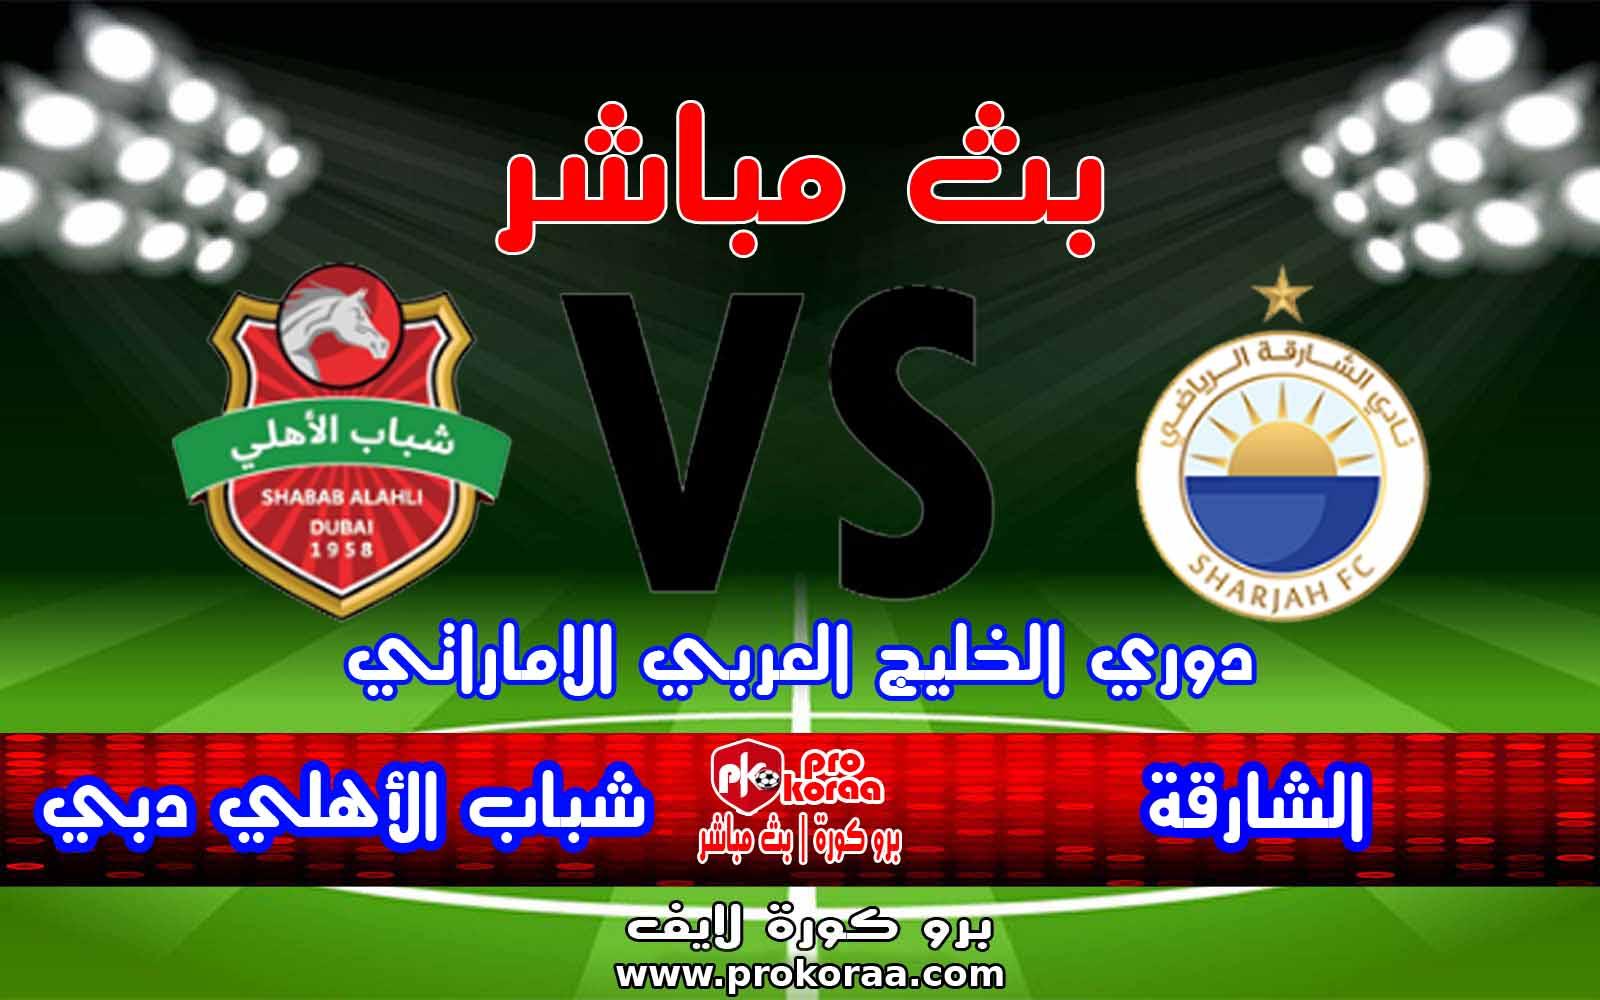 مشاهدة مباراة الشارقة وشباب الأهلي دبي بث مباشر